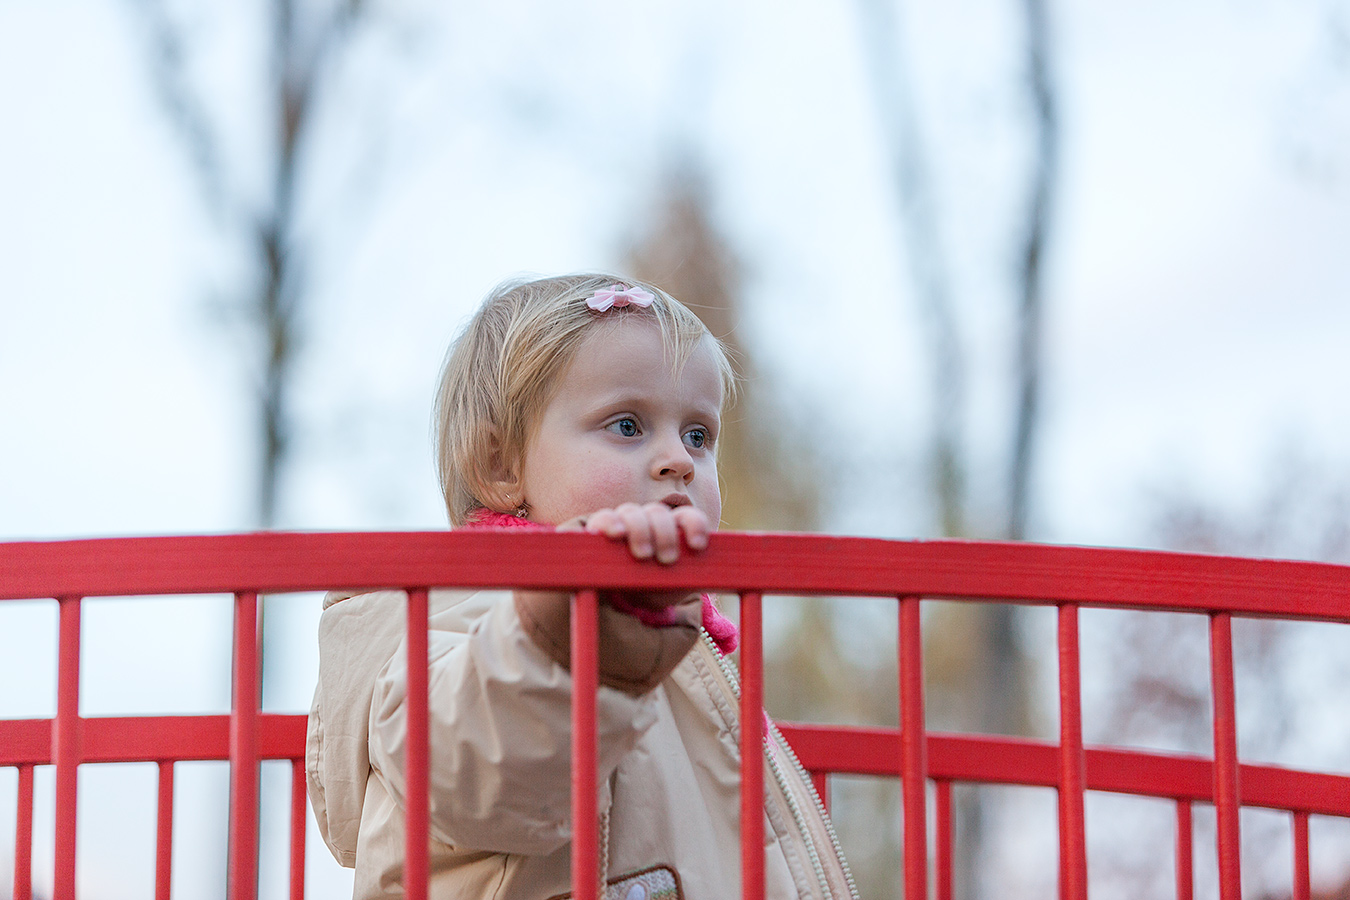 Portrait eines Mädchens auf einem roten Steg